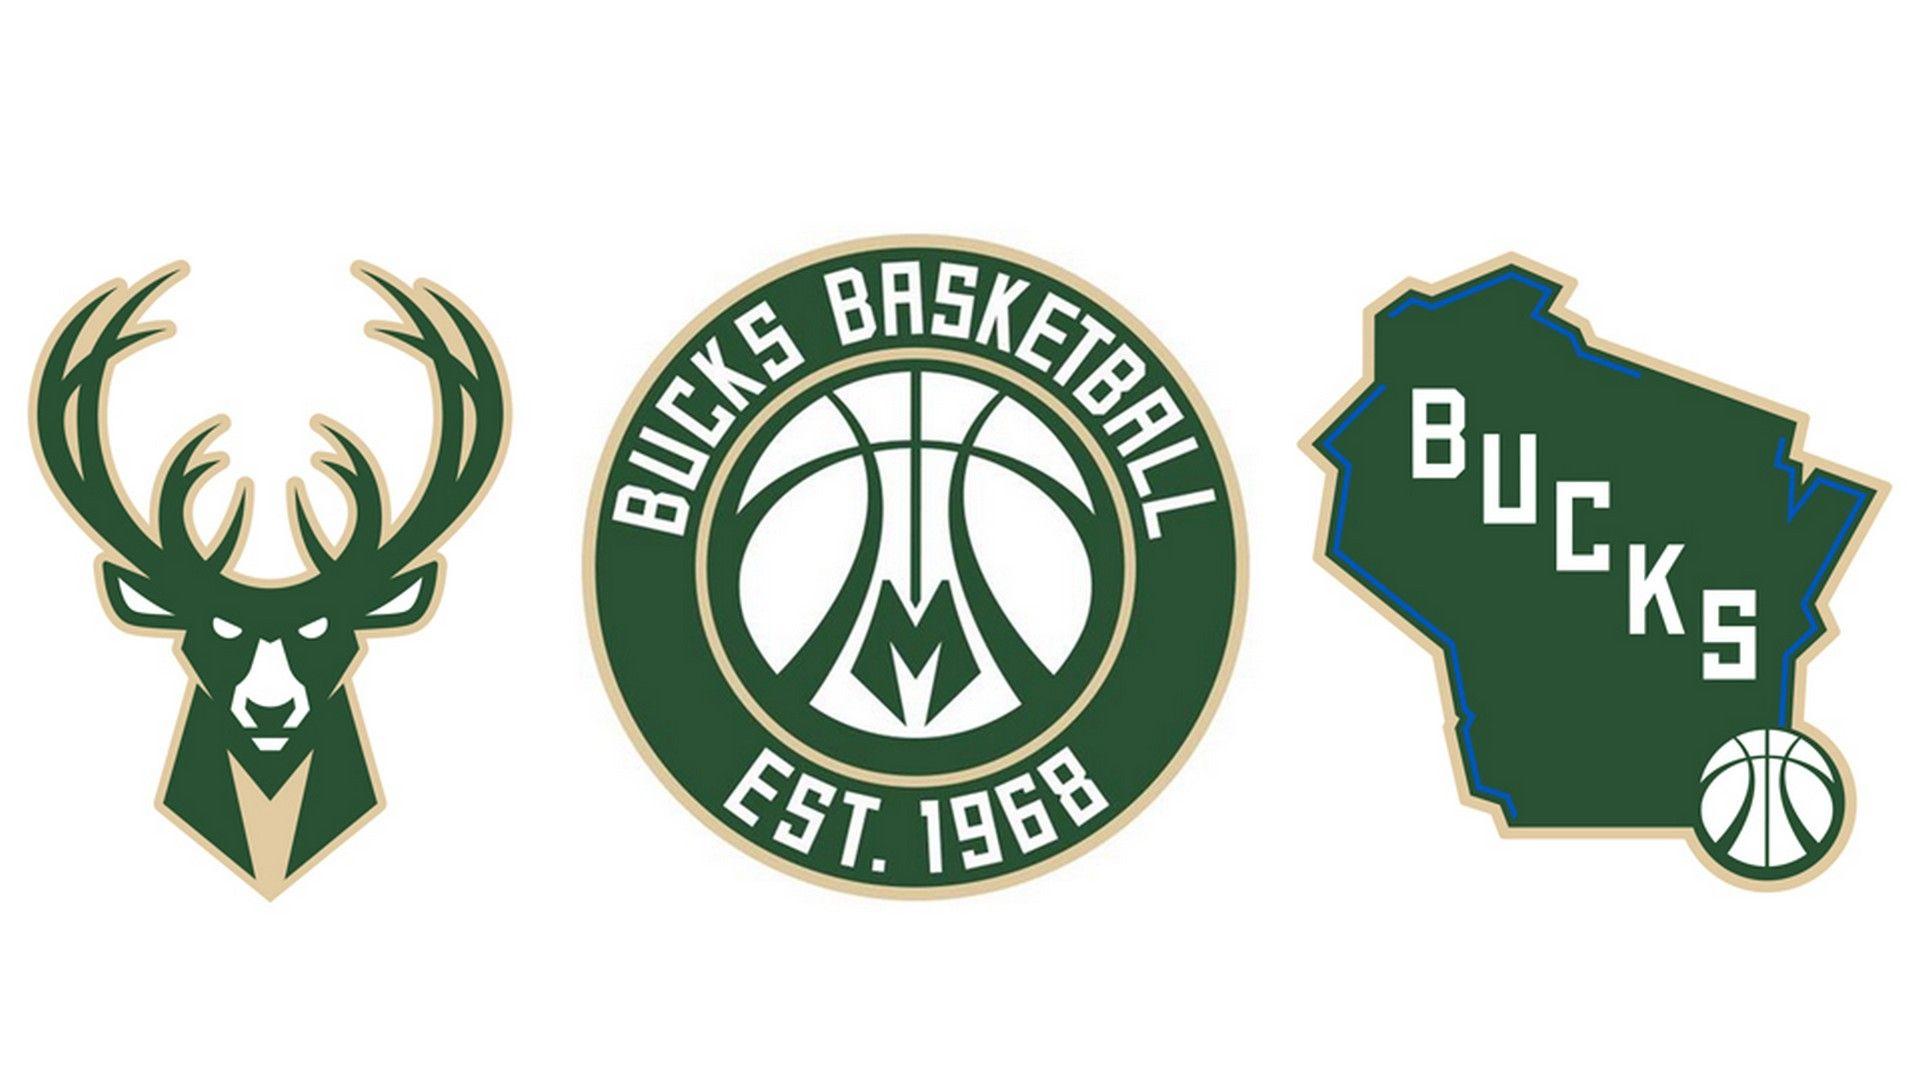 Hd Milwaukee Bucks Backgrounds 2021 Basketball Wallpaper Basketball Wallpapers Hd Milwaukee Bucks Basketball Wallpaper